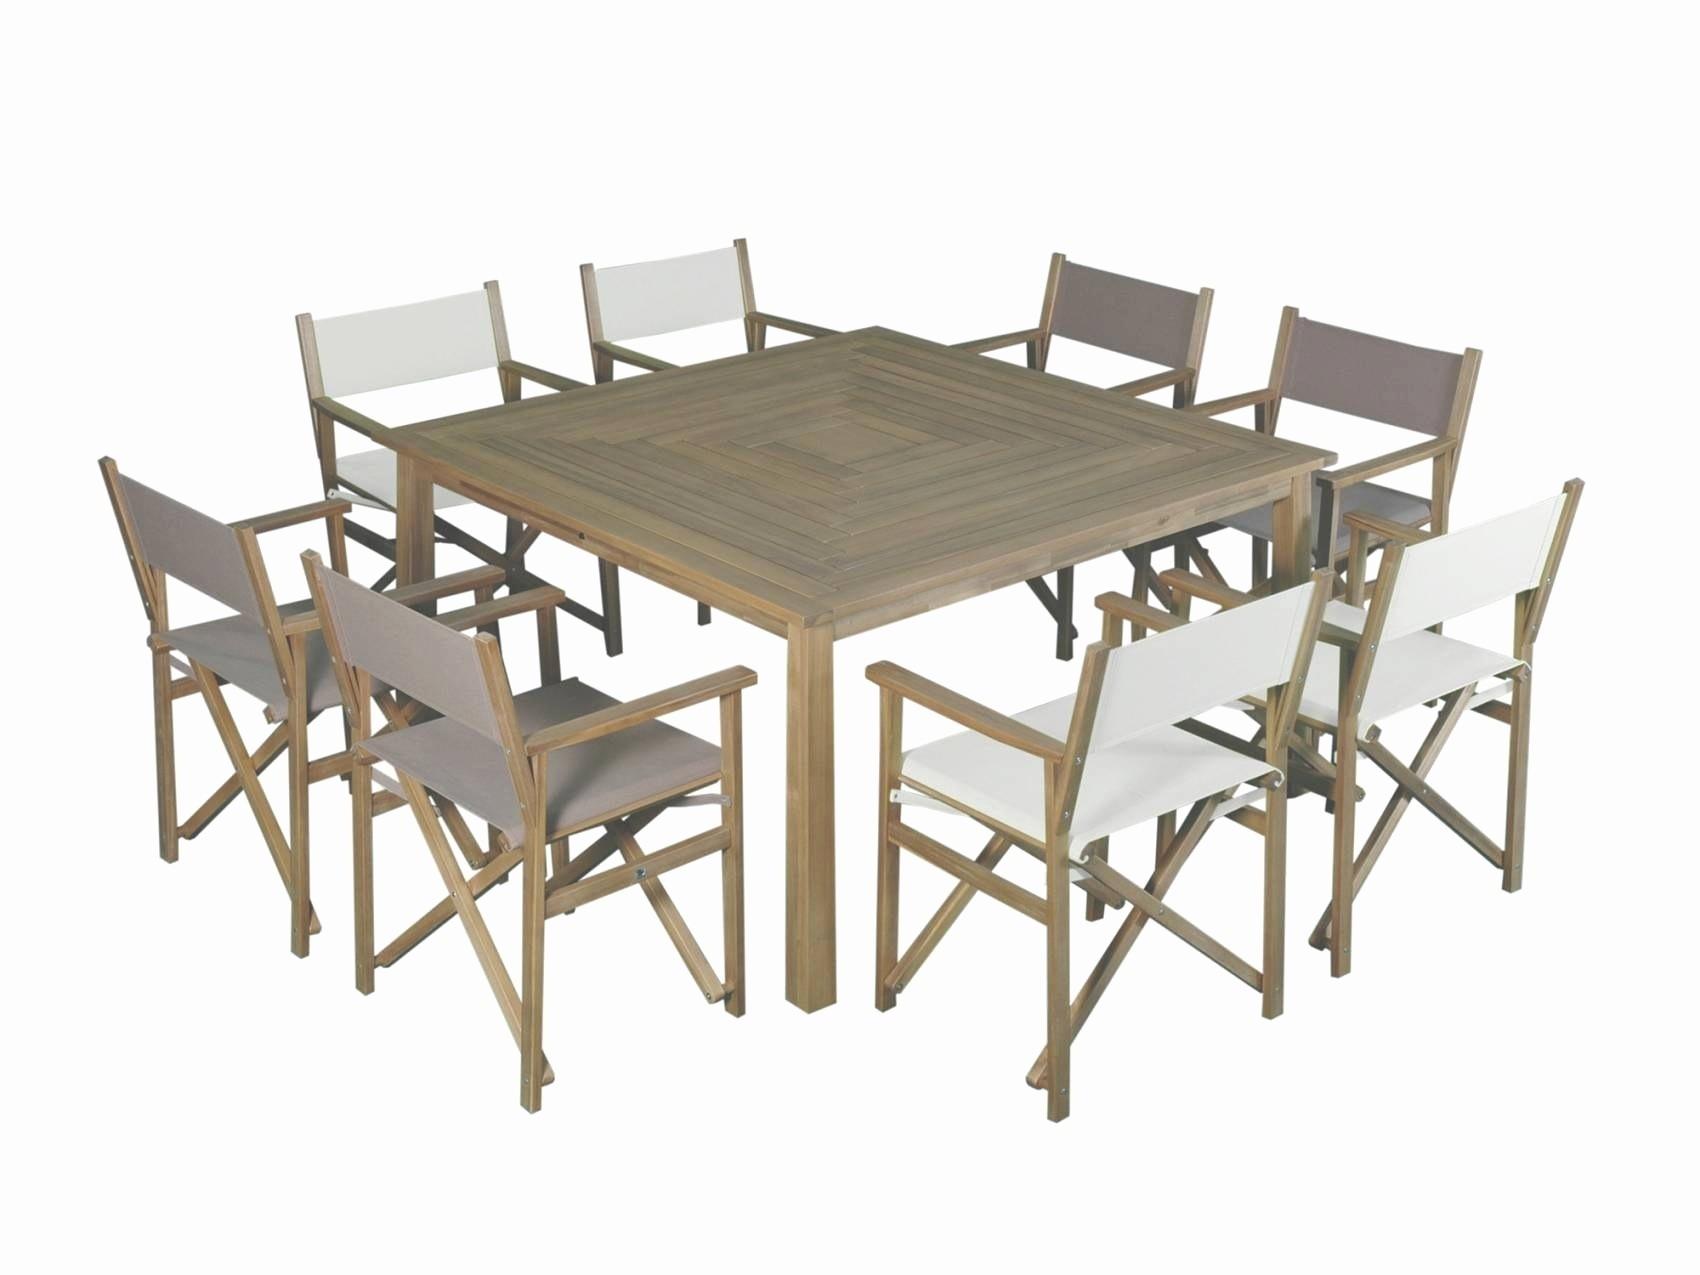 Table Pliante Leclerc Impressionnant Photos Leclerc Fauteuil Nouveau Les 22 Meilleur Table Pliante Leclerc